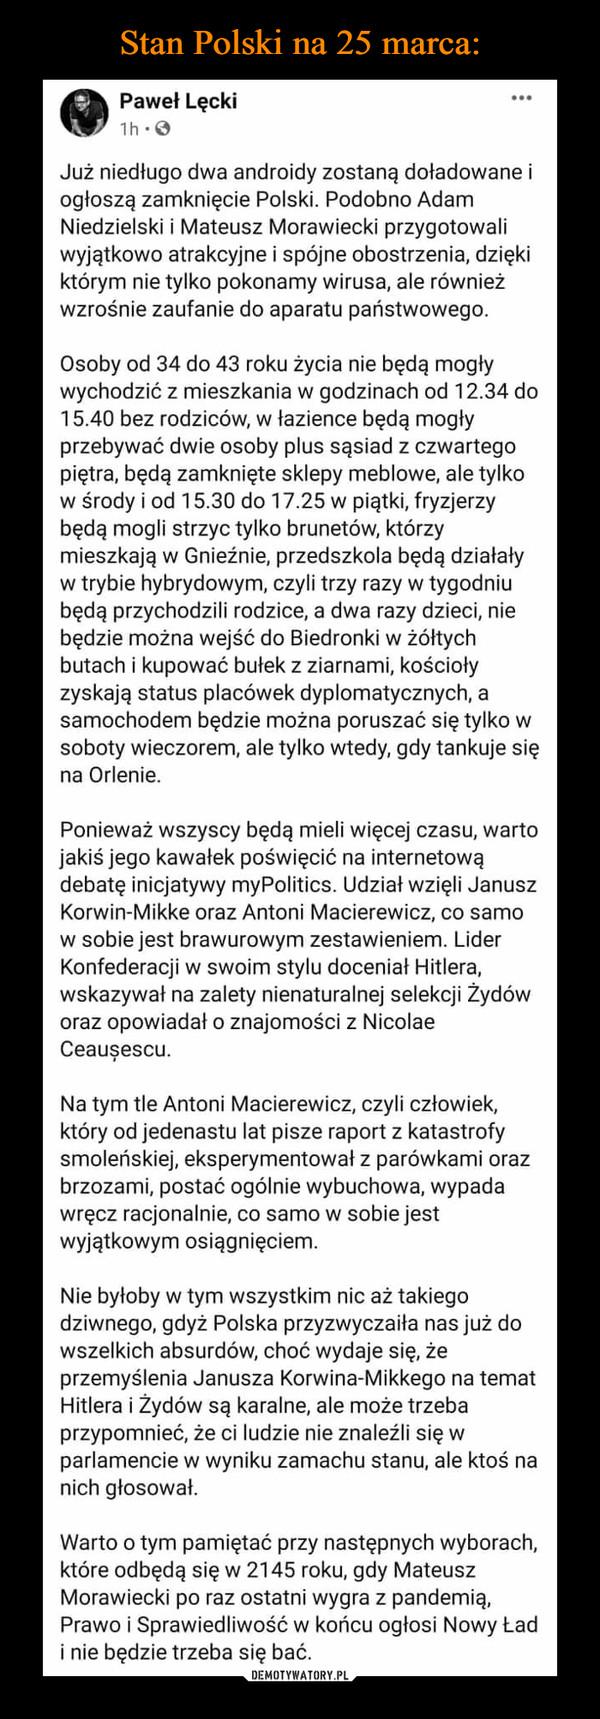 –  Paweł Lęcki1h:0Już niedługo dwa androidy zostaną doładowane iogłoszą zamknięcie Polski. Podobno AdamNiedzielski i Mateusz Morawiecki przygotowaliwyjątkowo atrakcyjne i spójne obostrzenia, dziękiktórym nie tylko pokonamy wirusa, ale równieżwzrośnie zaufanie do aparatu państwowego.Osoby od 34 do 43 roku życia nie będą mogływychodzić z mieszkania w godzinach od 12.34 do15.40 bez rodziców, w łazience będą mogłyprzebywać dwie osoby plus sąsiad z czwartegopiętra, będą zamknięte sklepy meblowe, ale tylkow środy i od 15.30 do 17.25 w piątki, fryzjerzybędą mogli strzyc tylko brunetów, którzymieszkają w Gnieźnie, przedszkola będą działaływ trybie hybrydowym, czyli trzy razy w tygodniubędą przychodzili rodzice, a dwa razy dzieci, niebędzie można wejść do Biedronki w żółtychbutach i kupować bułek z ziarnami, kościołyzyskają status placówek dyplomatycznych, asamochodem będzie można poruszać się tylko wsoboty wieczorem, ale tylko wtedy, gdy tankuje sięna Orlenie.Ponieważ wszyscy będą mieli więcej czasu, wartojakiś jego kawałek poświęcić na internetowądebatę inicjatywy myPolitics. Udział wzięli JanuszKorwin-Mikke oraz Antoni Macierewicz, co samow sobie jest brawurowym zestawieniem. LiderKonfederacji w swoim stylu doceniał Hitlera,wskazywał na zalety nienaturalnej selekcji Żydóworaz opowiadał o znajomości z NicolaeCeauşescu.Na tym tle Antoni Macierewicz, czyli człowiek,który od jedenastu lat pisze raport z katastrofysmoleńskiej, eksperymentował z parówkami orazbrzozami, postać ogólnie wybuchowa, wypadawręcz racjonalnie, co samow sobie jestwyjątkowym osiągnięciem.Nie byłoby w tym wszystkim nic aż takiegodziwnego, gdyż Polska przyzwyczaiła nas już dowszelkich absurdów, choć wydaje się, żeprzemyślenia Janusza Korwina-Mikkego na tematHitlera i Żydów są karalne, ale może trzebaprzypomnieć, że ci ludzie nie znaleźli się wparlamencie w wyniku zamachu stanu, ale ktoś nanich głosował.Warto o tym pamiętać przy następnych wyborach,które odbędą się w 2145 roku, gdy MateuszMorawiecki po raz 